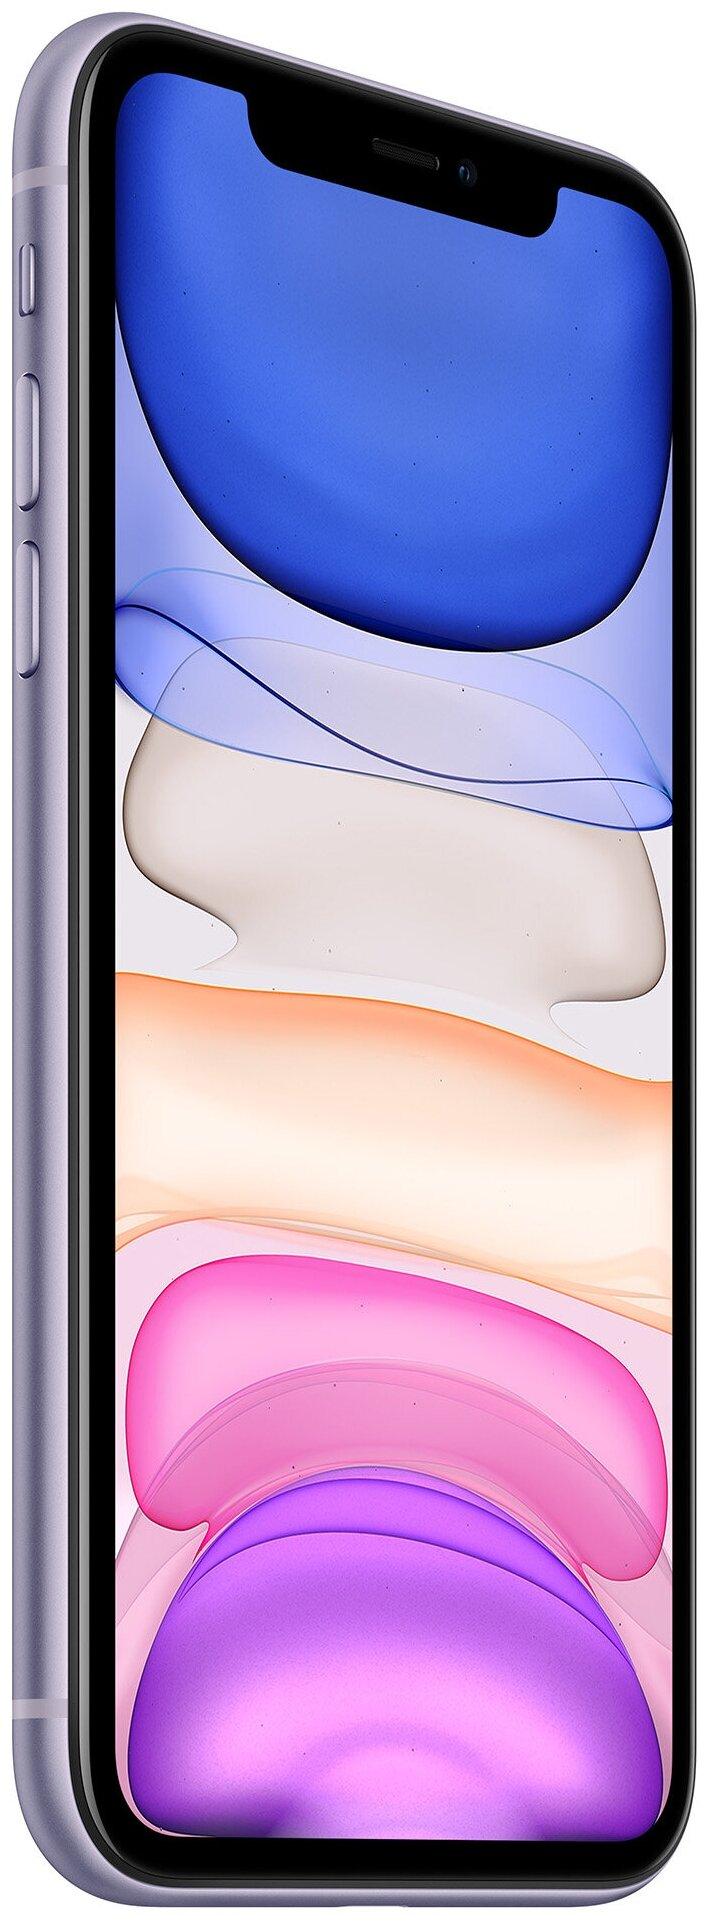 Apple iPhone 11 128GB - оперативная память: 4ГБ